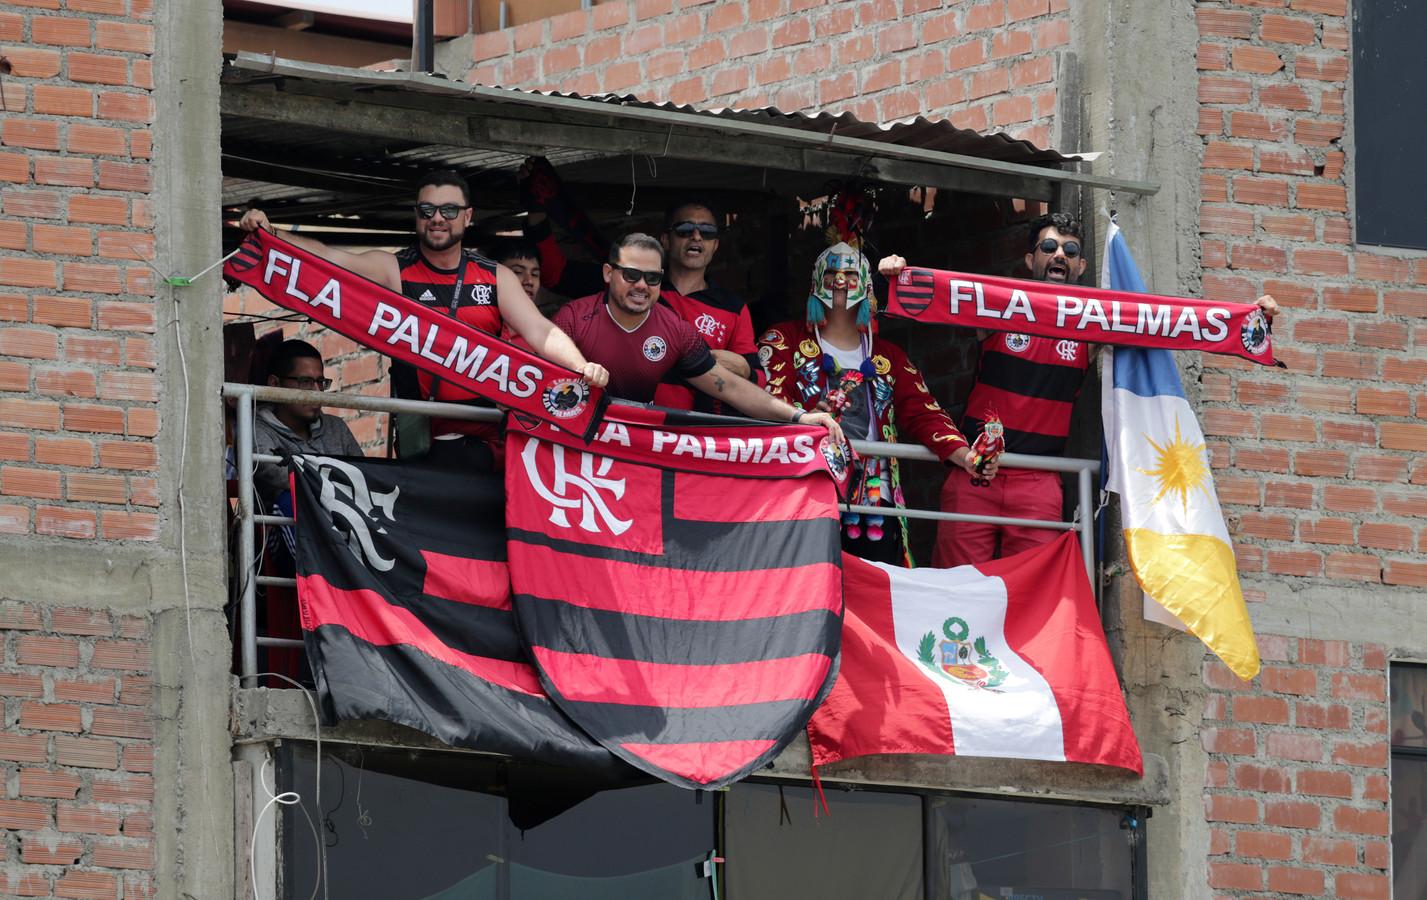 Fans van Flamengo in Lima gisteren.